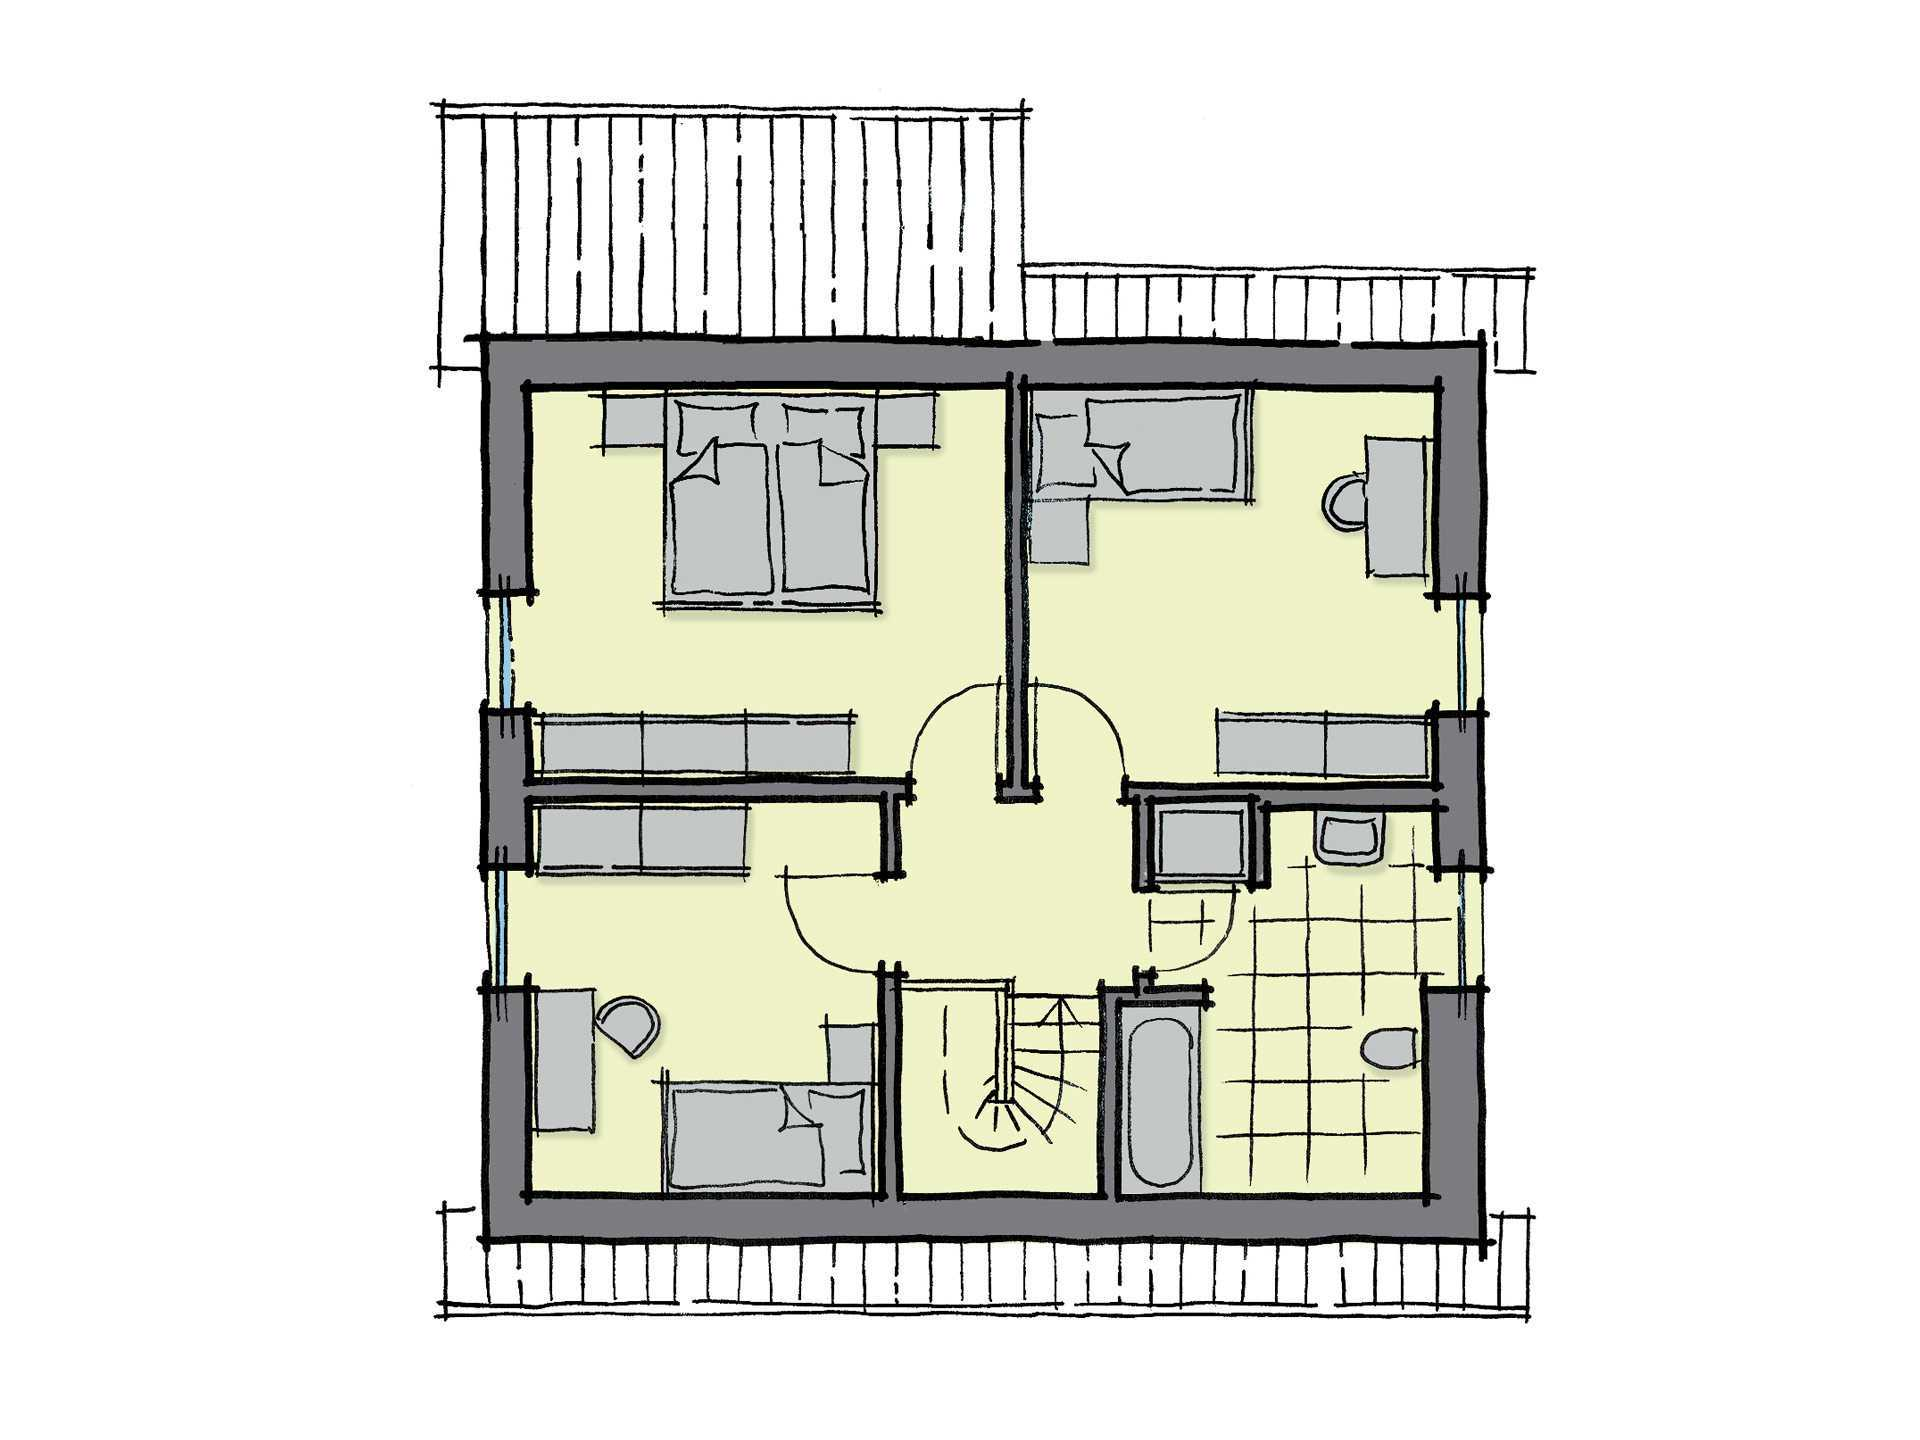 Grundriss Dachgeschoss Einfamilienhaus Kastanienallee Variante 1 GUSSEK HAUS